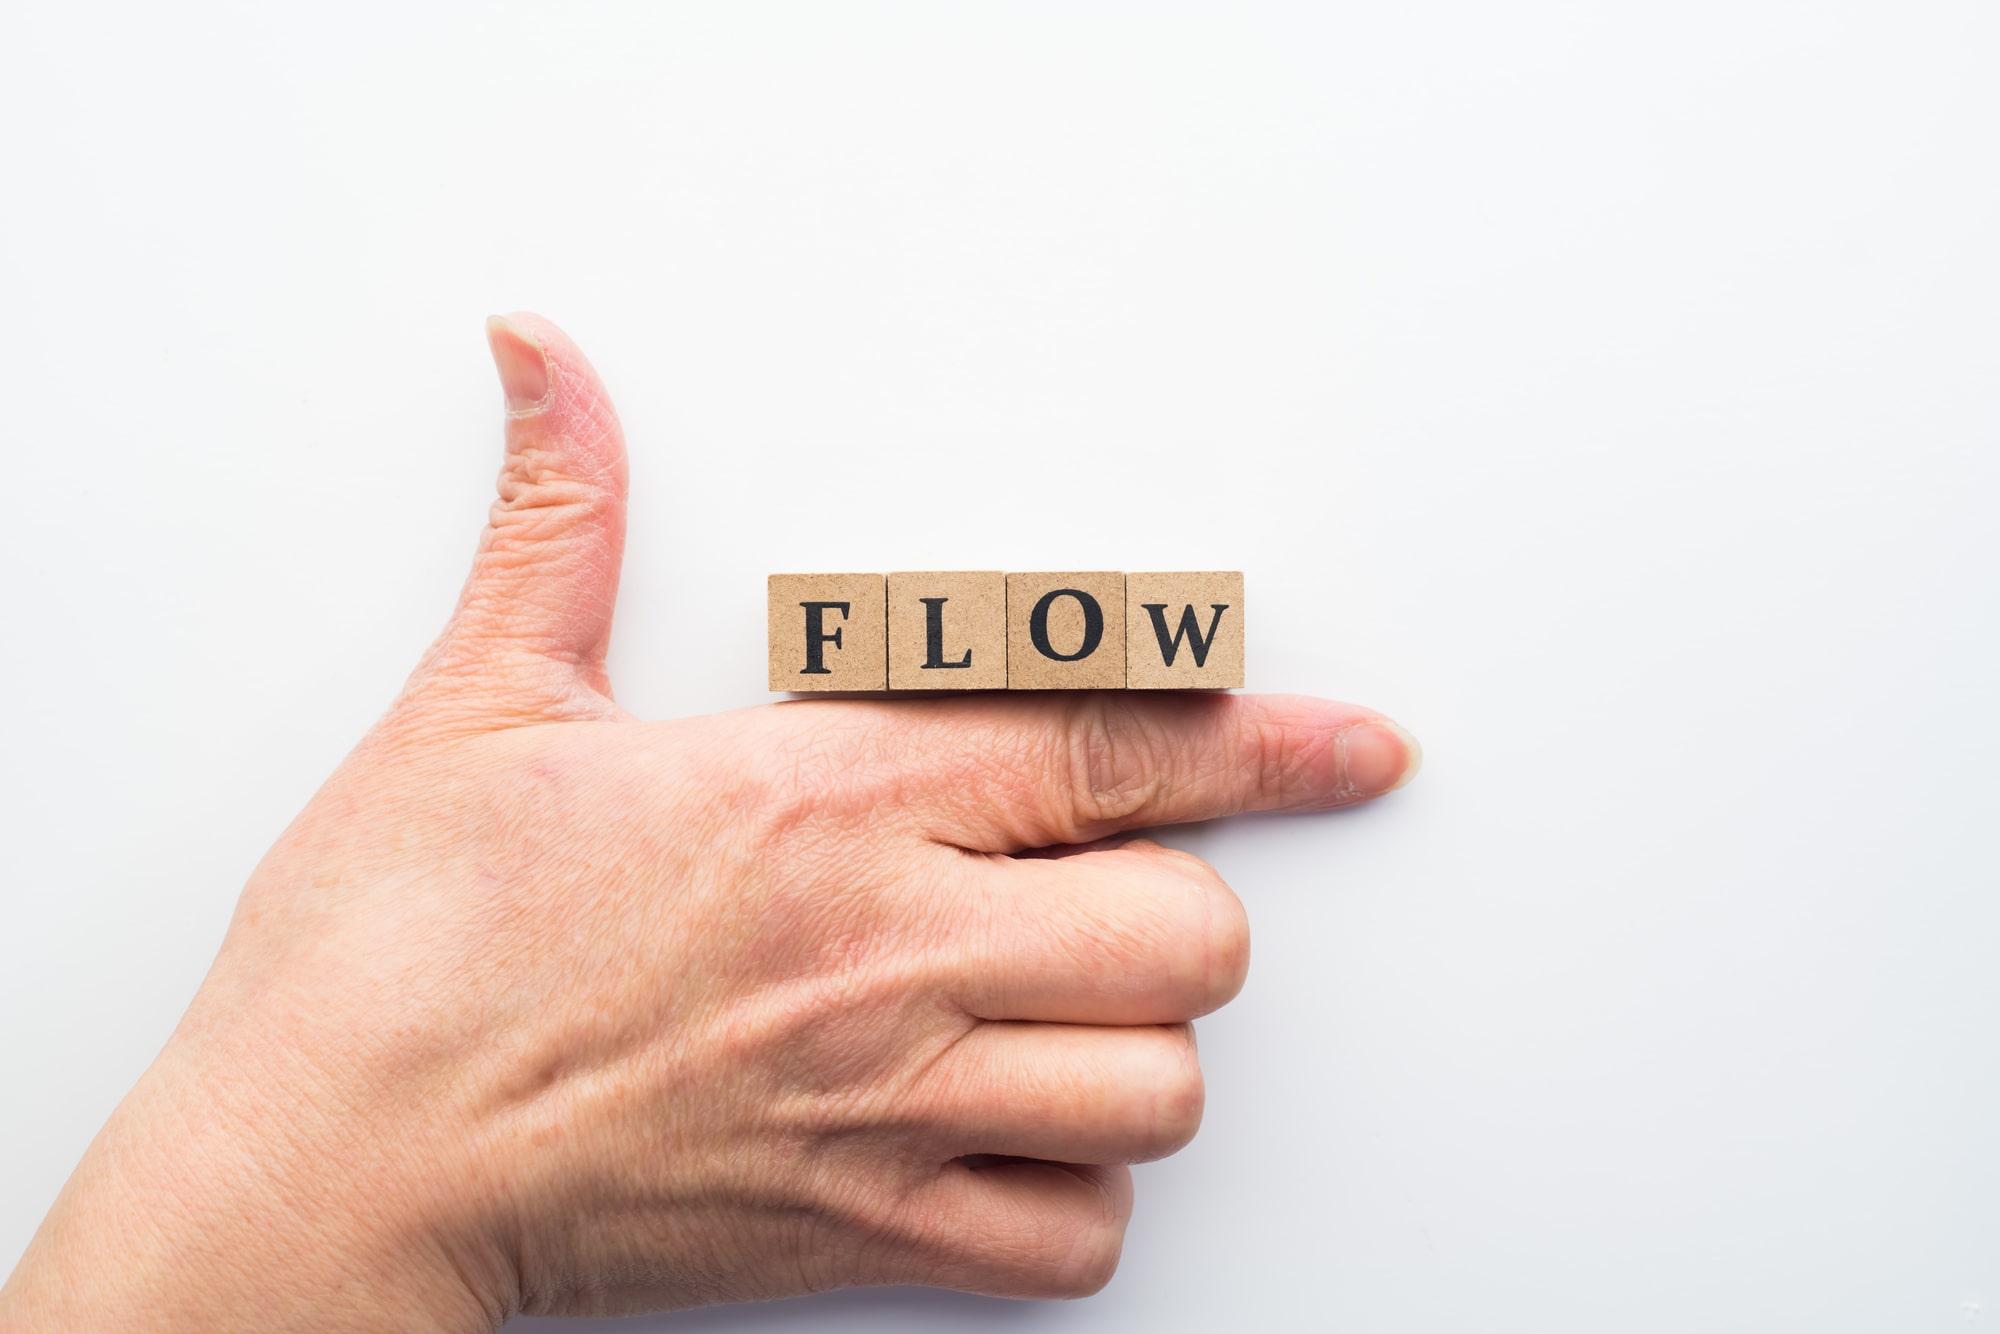 勤務先調査は、どんな方法・流れで行われているのか?